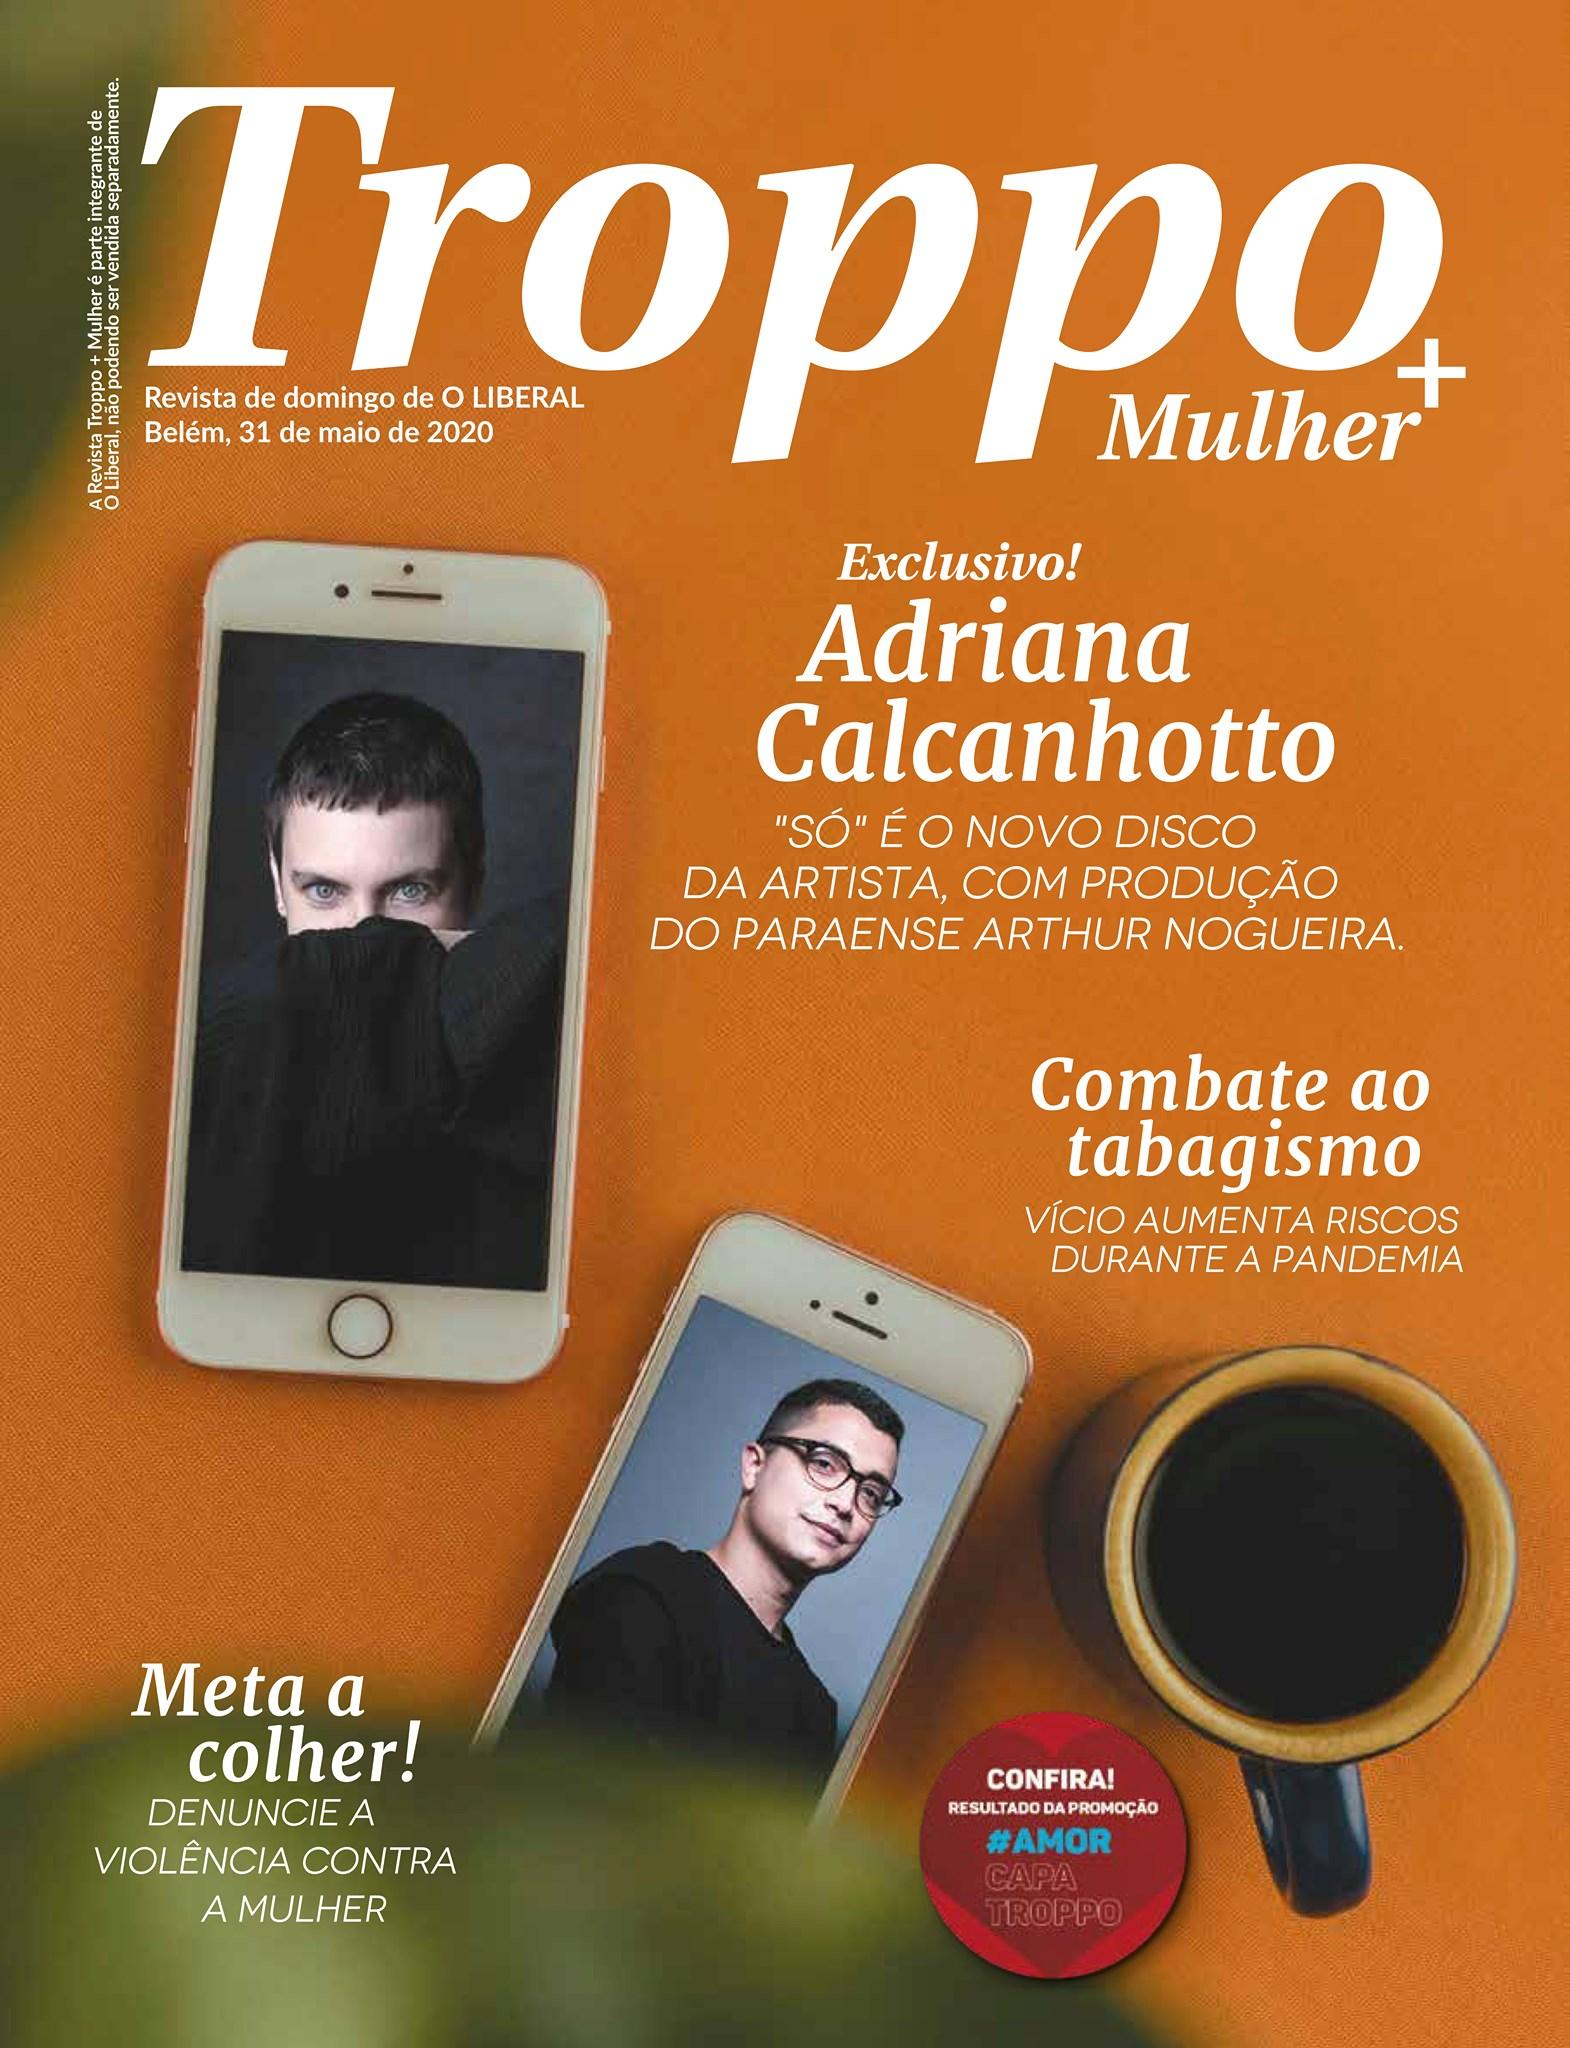 Revista Troppo